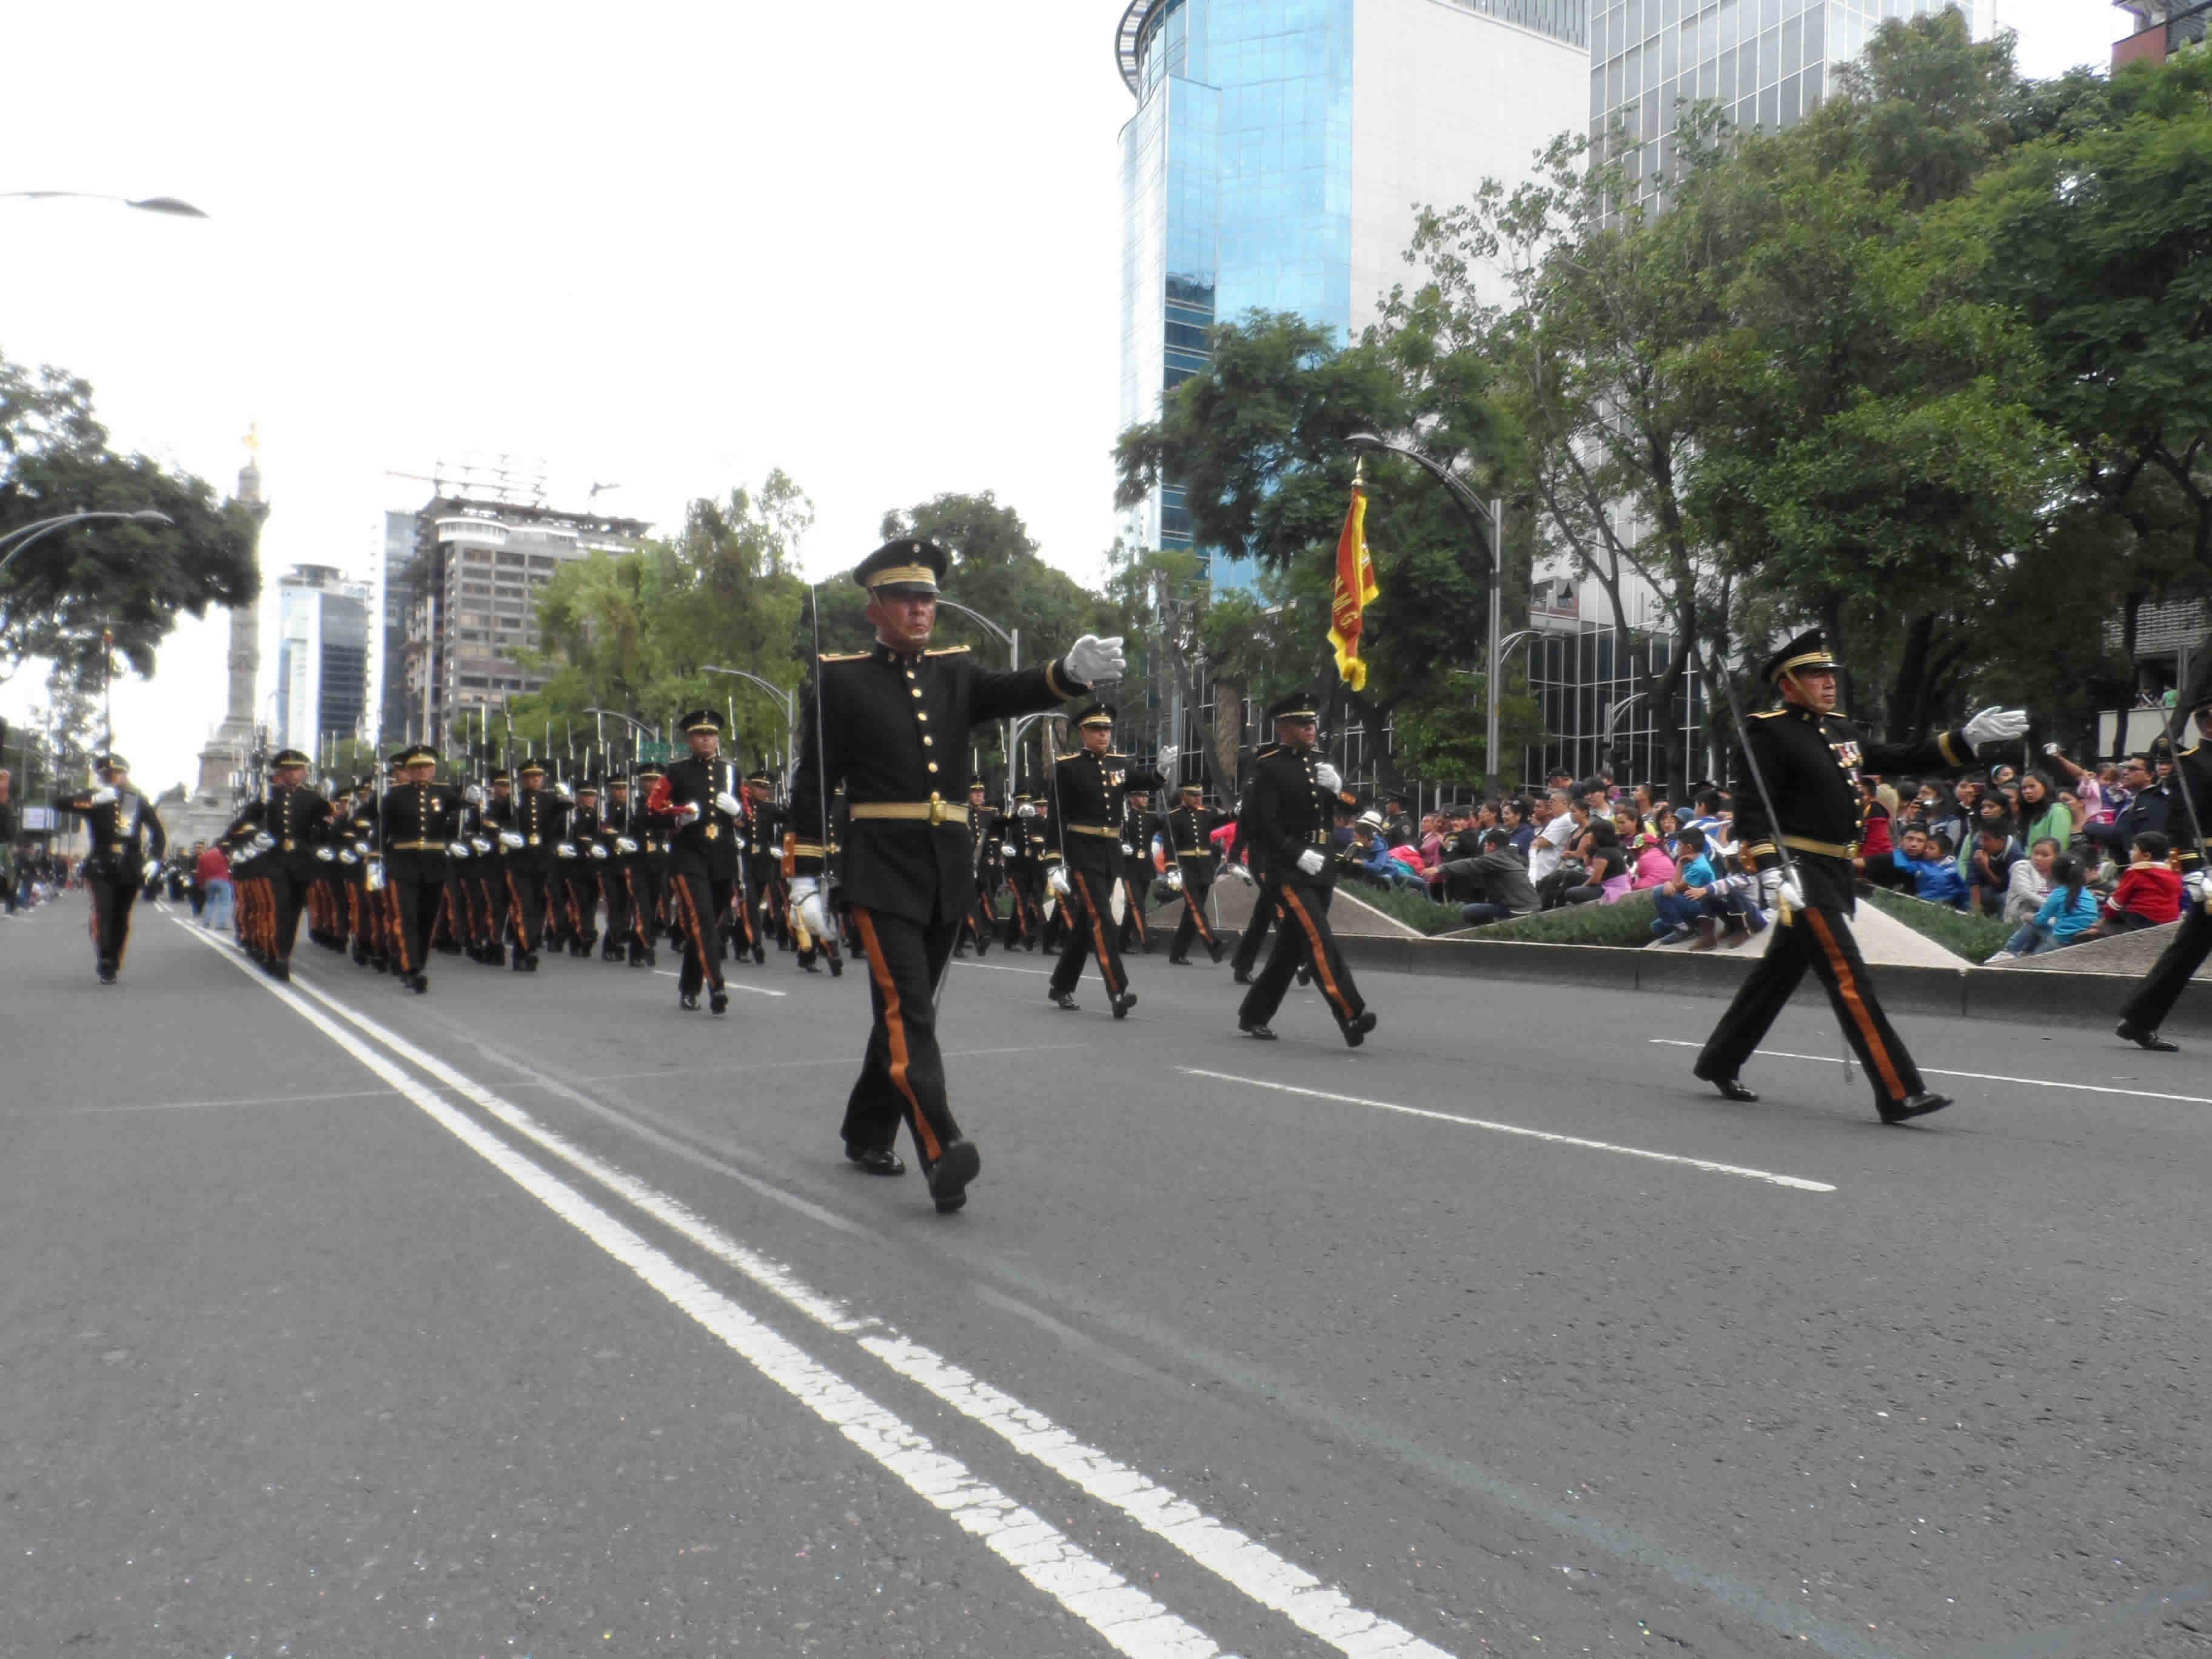 desfilejpg